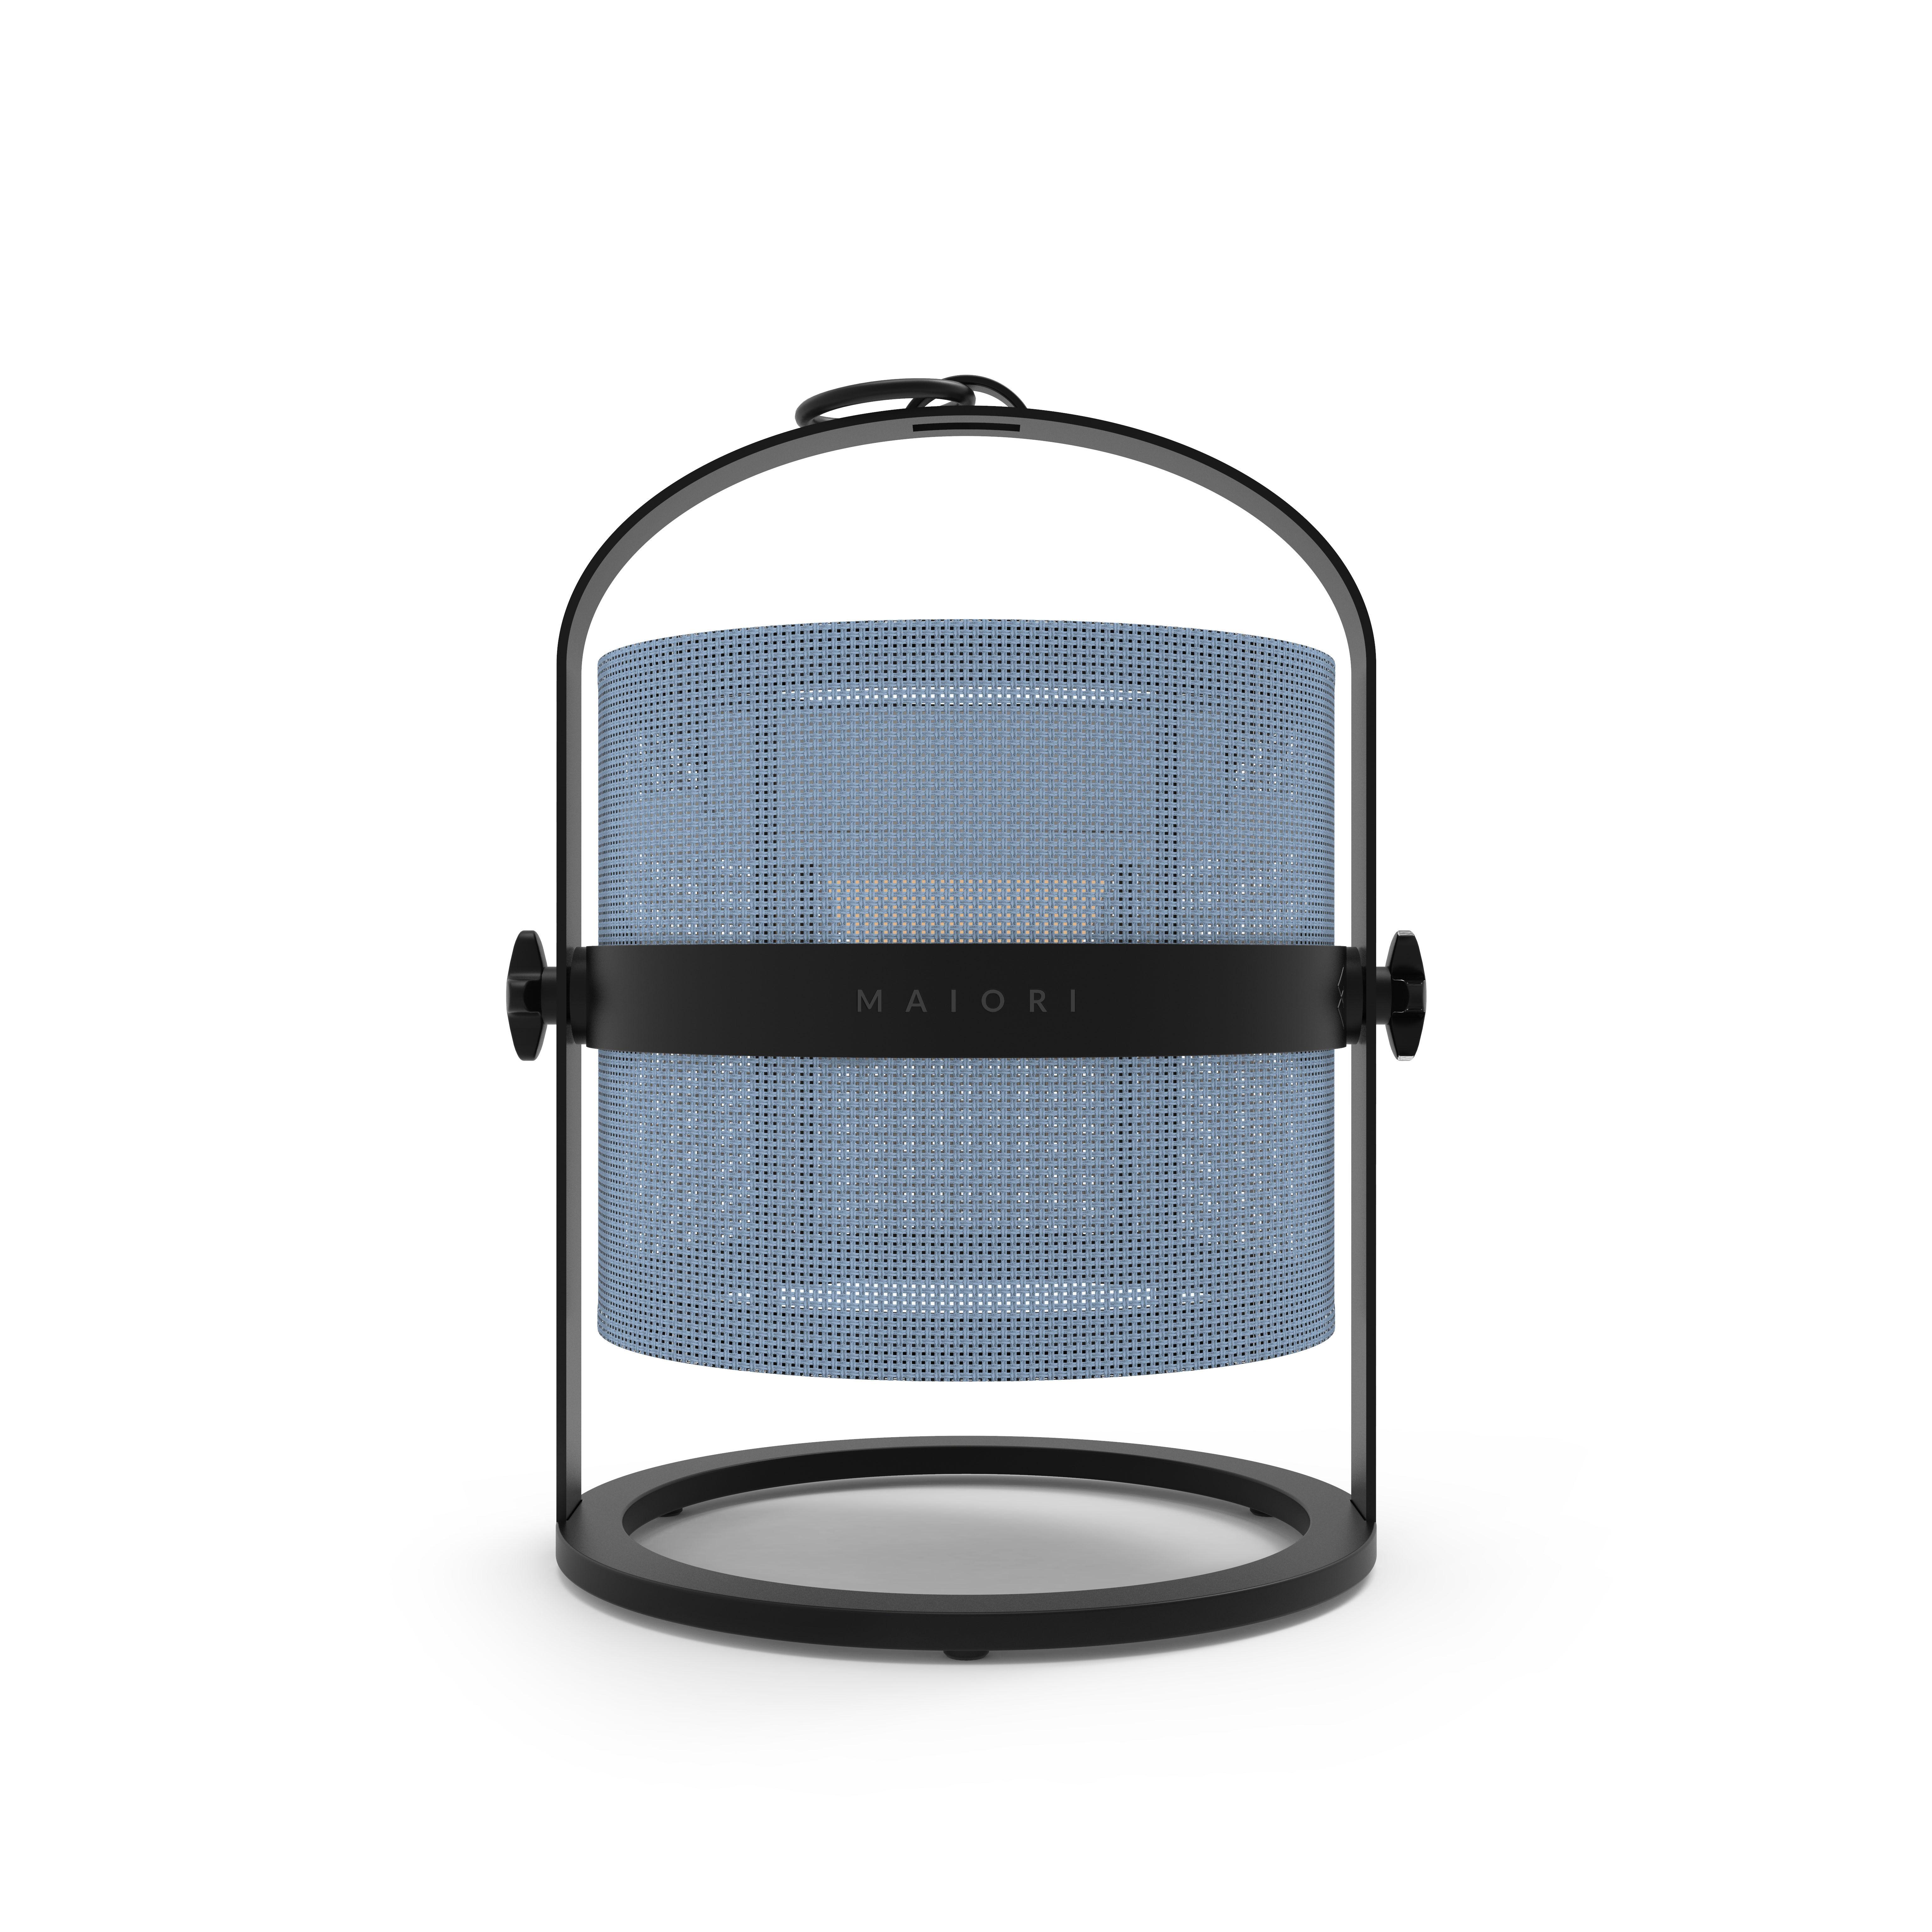 Leuchten - Tischleuchten - La Lampe Petite LED Solarlampe / kabellos - Gestell schwarz - Maiori - Königsblau / Gestell schwarz - Aluminium, Tissu technique